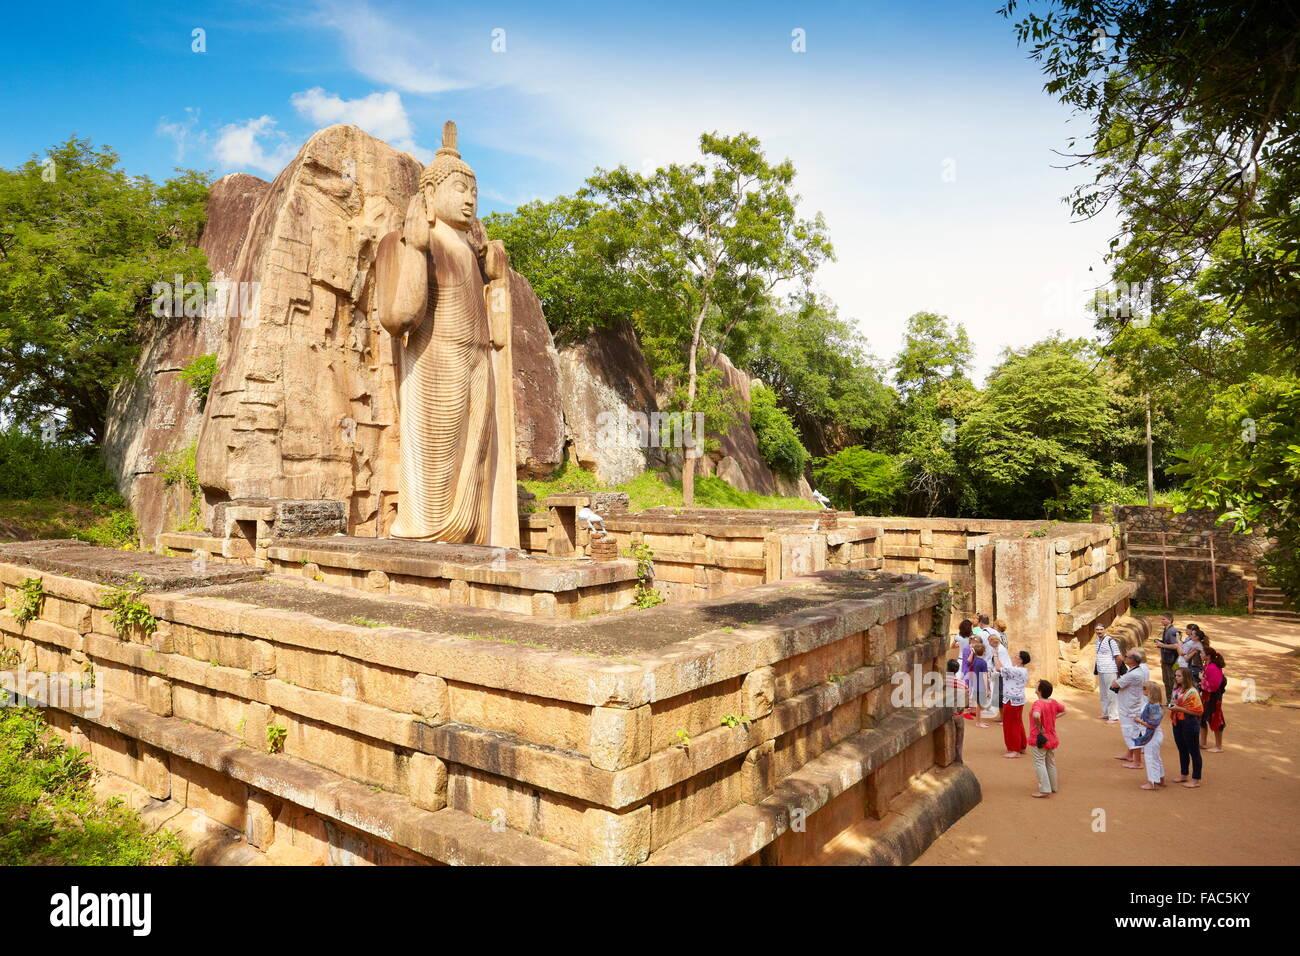 Sri Lanka - Anuradhapura, Buddha Aukana Statue, UNESCO World Heritage Site - Stock Image